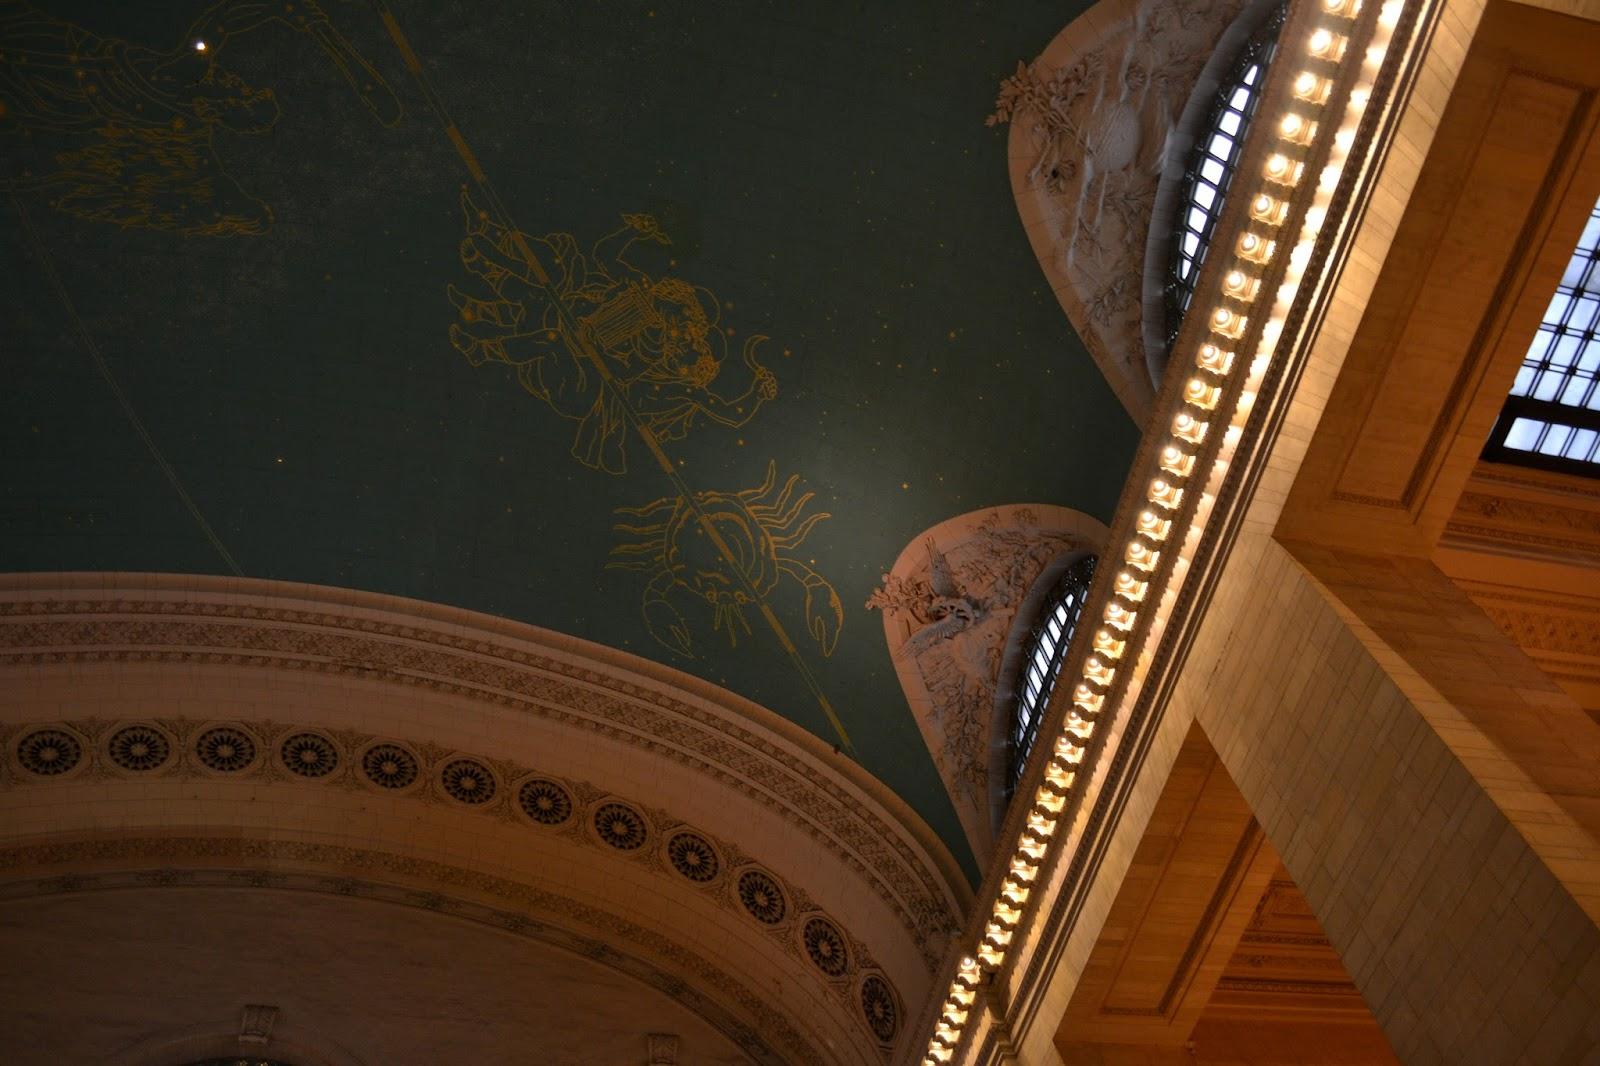 Гранд Централ - центральный вокзал Нью-Йорка. (Grand Central Terminal, NYC)